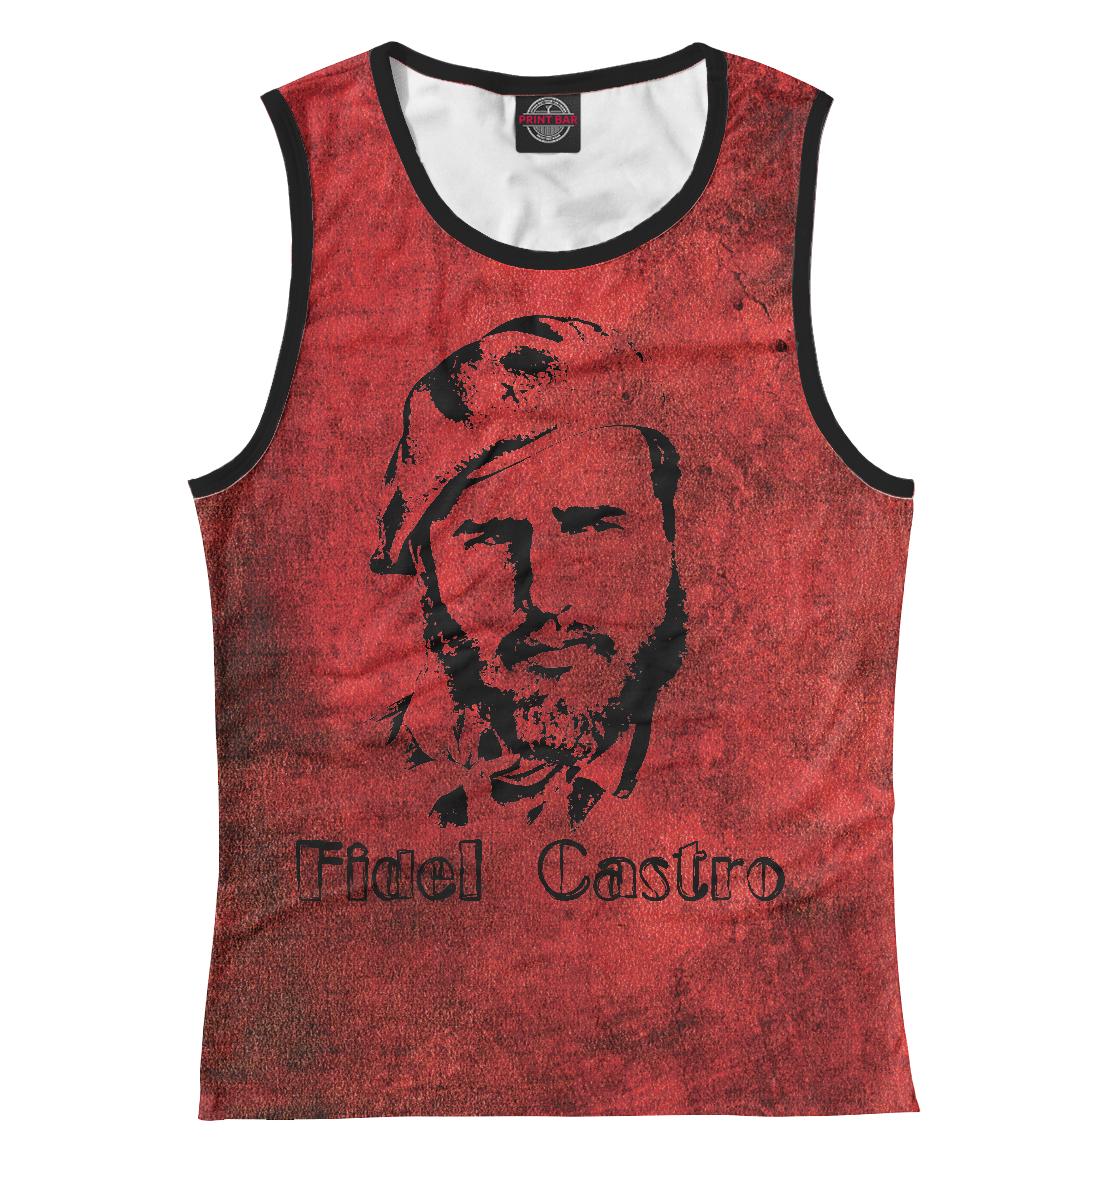 Фото - Fidel Castro óscar castro óscar castro